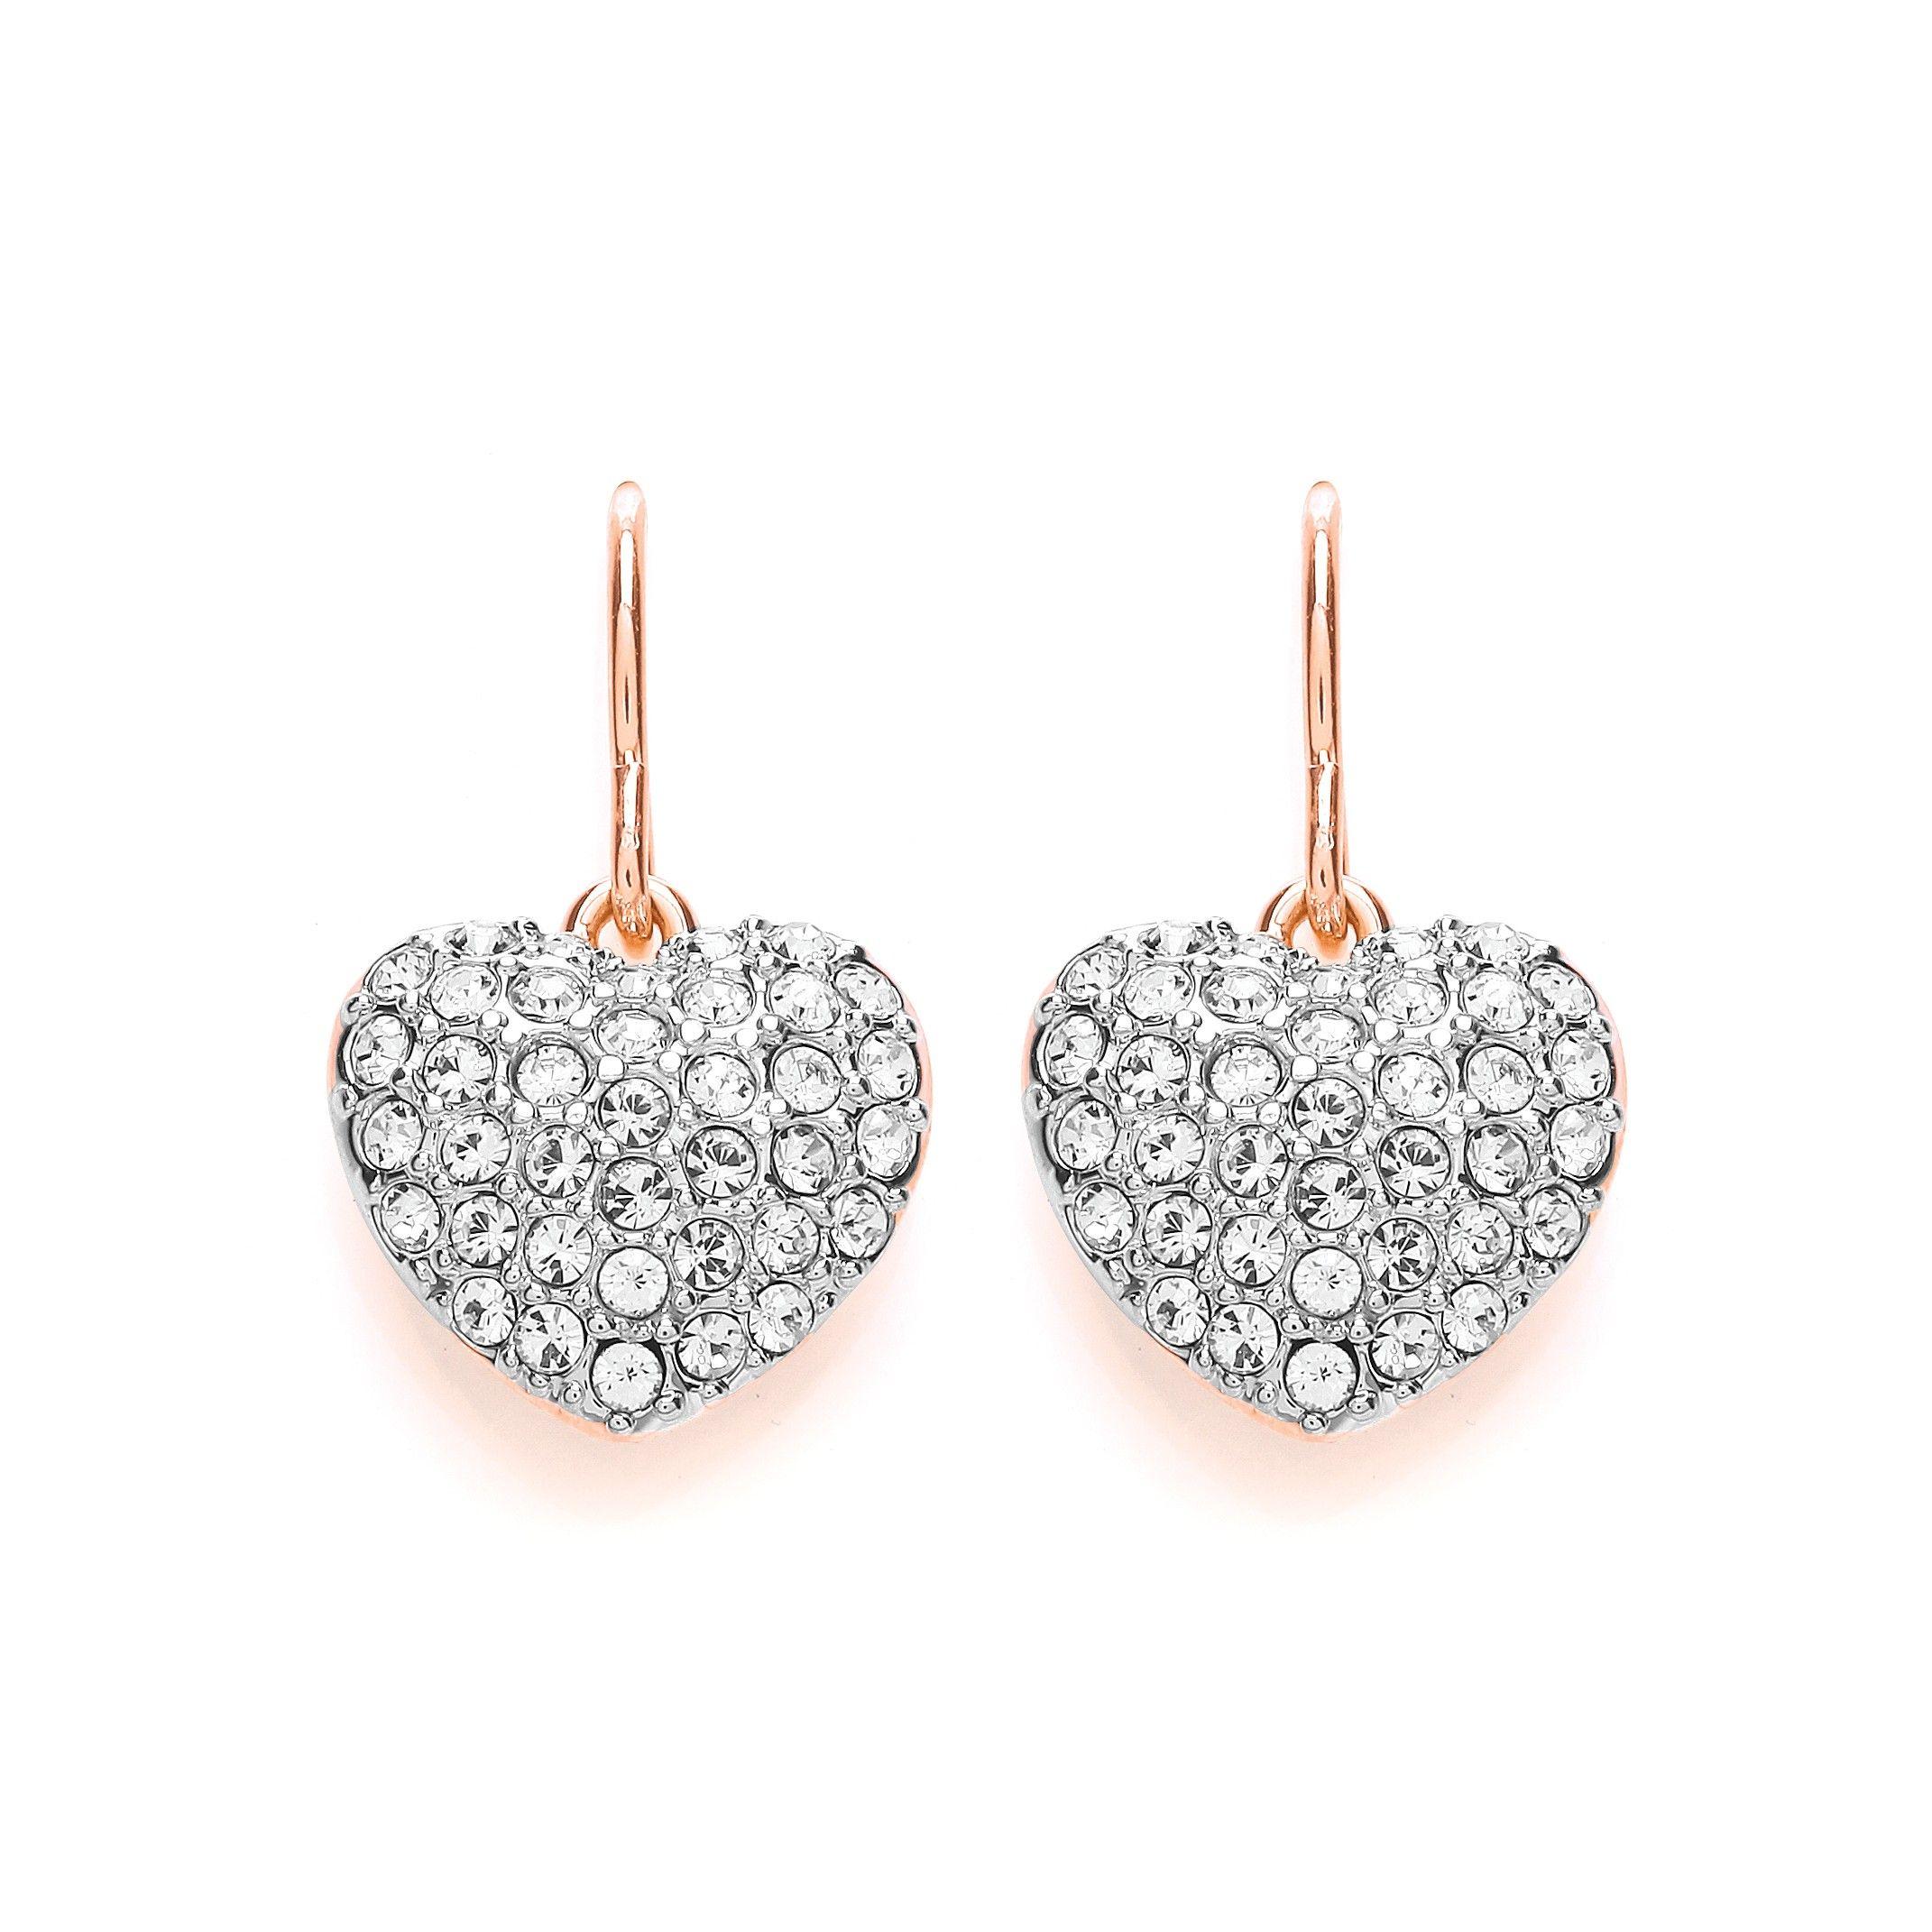 The Buckley London Miniature Heart Drop Earrings